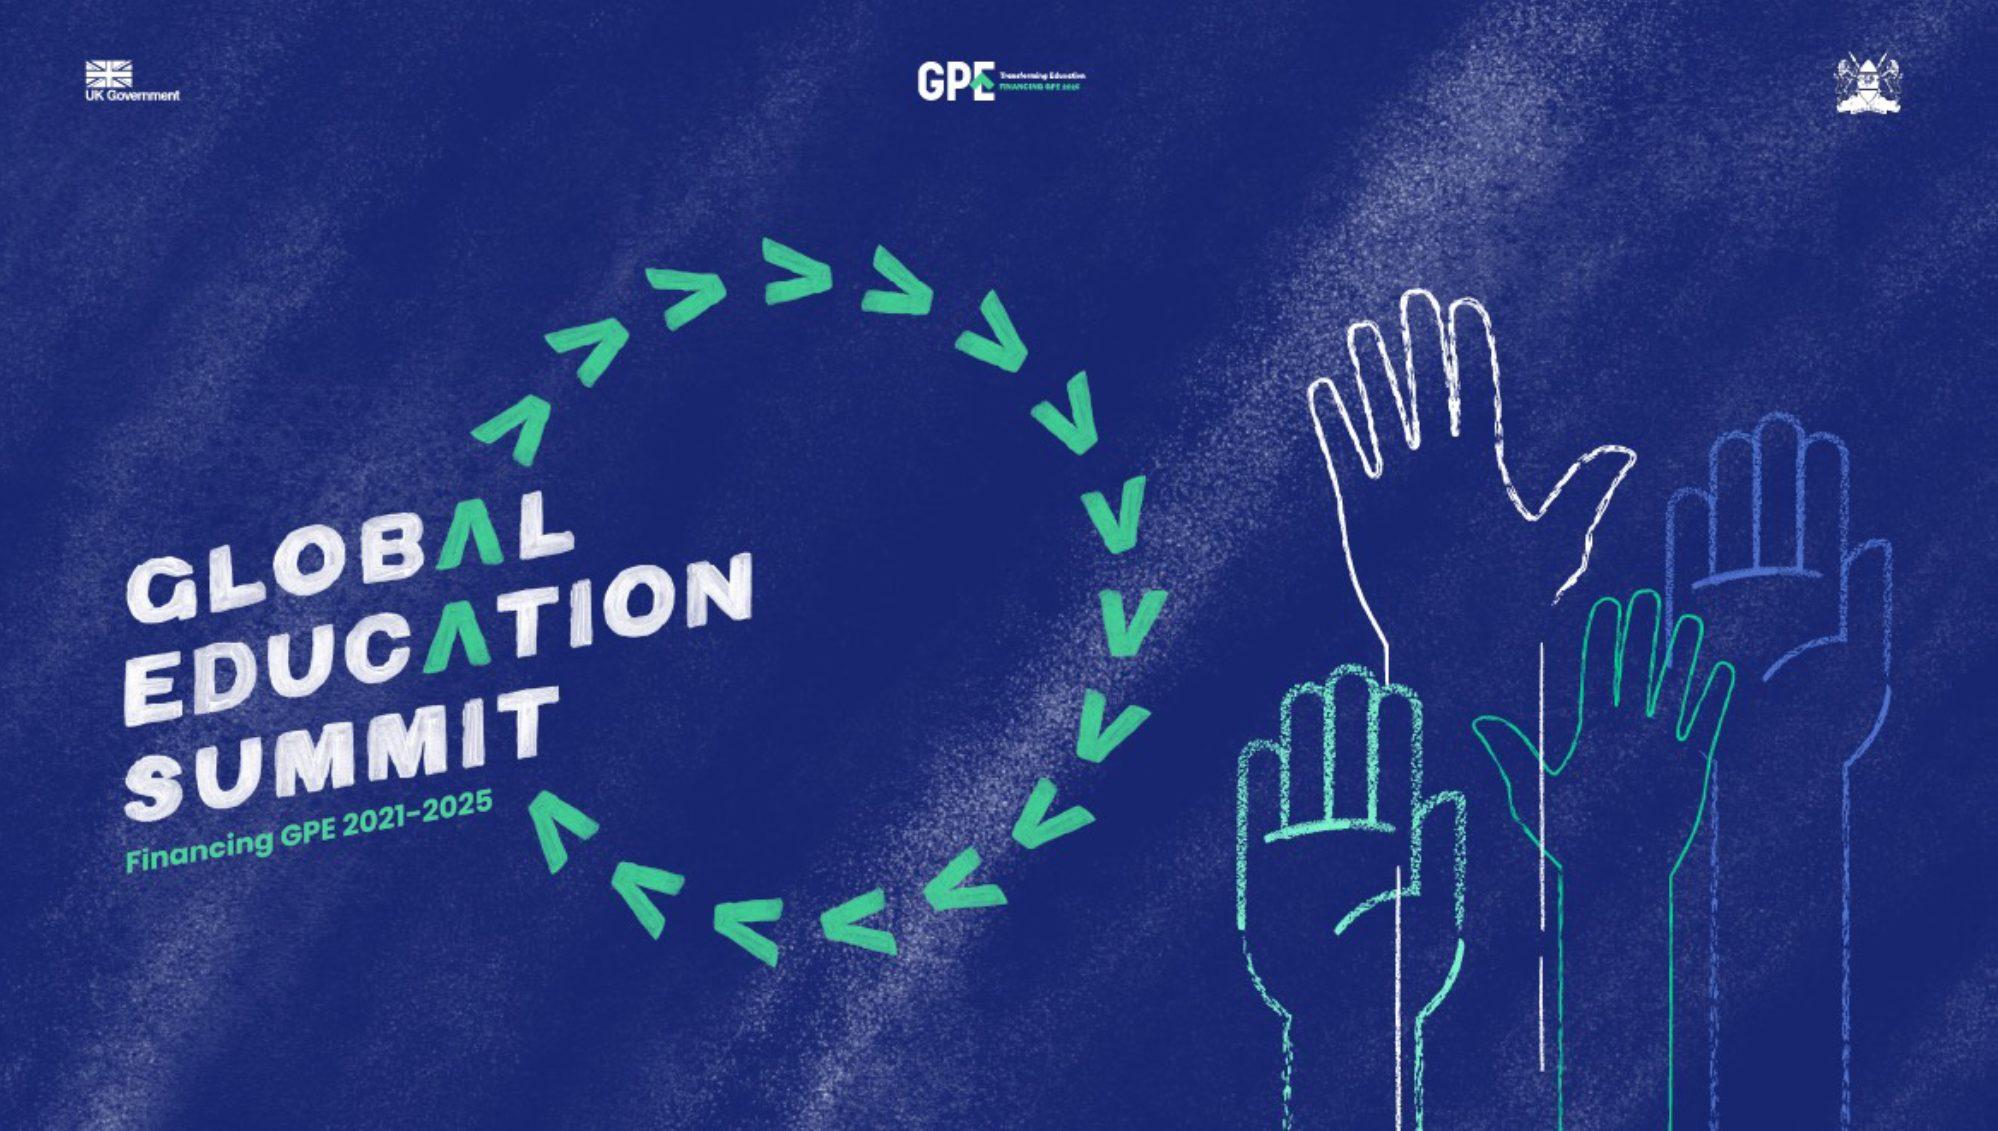 Cumbre de la Educación Global: Oportunidad para que donantes y países de la región se comprometan con el financiamiento educativo